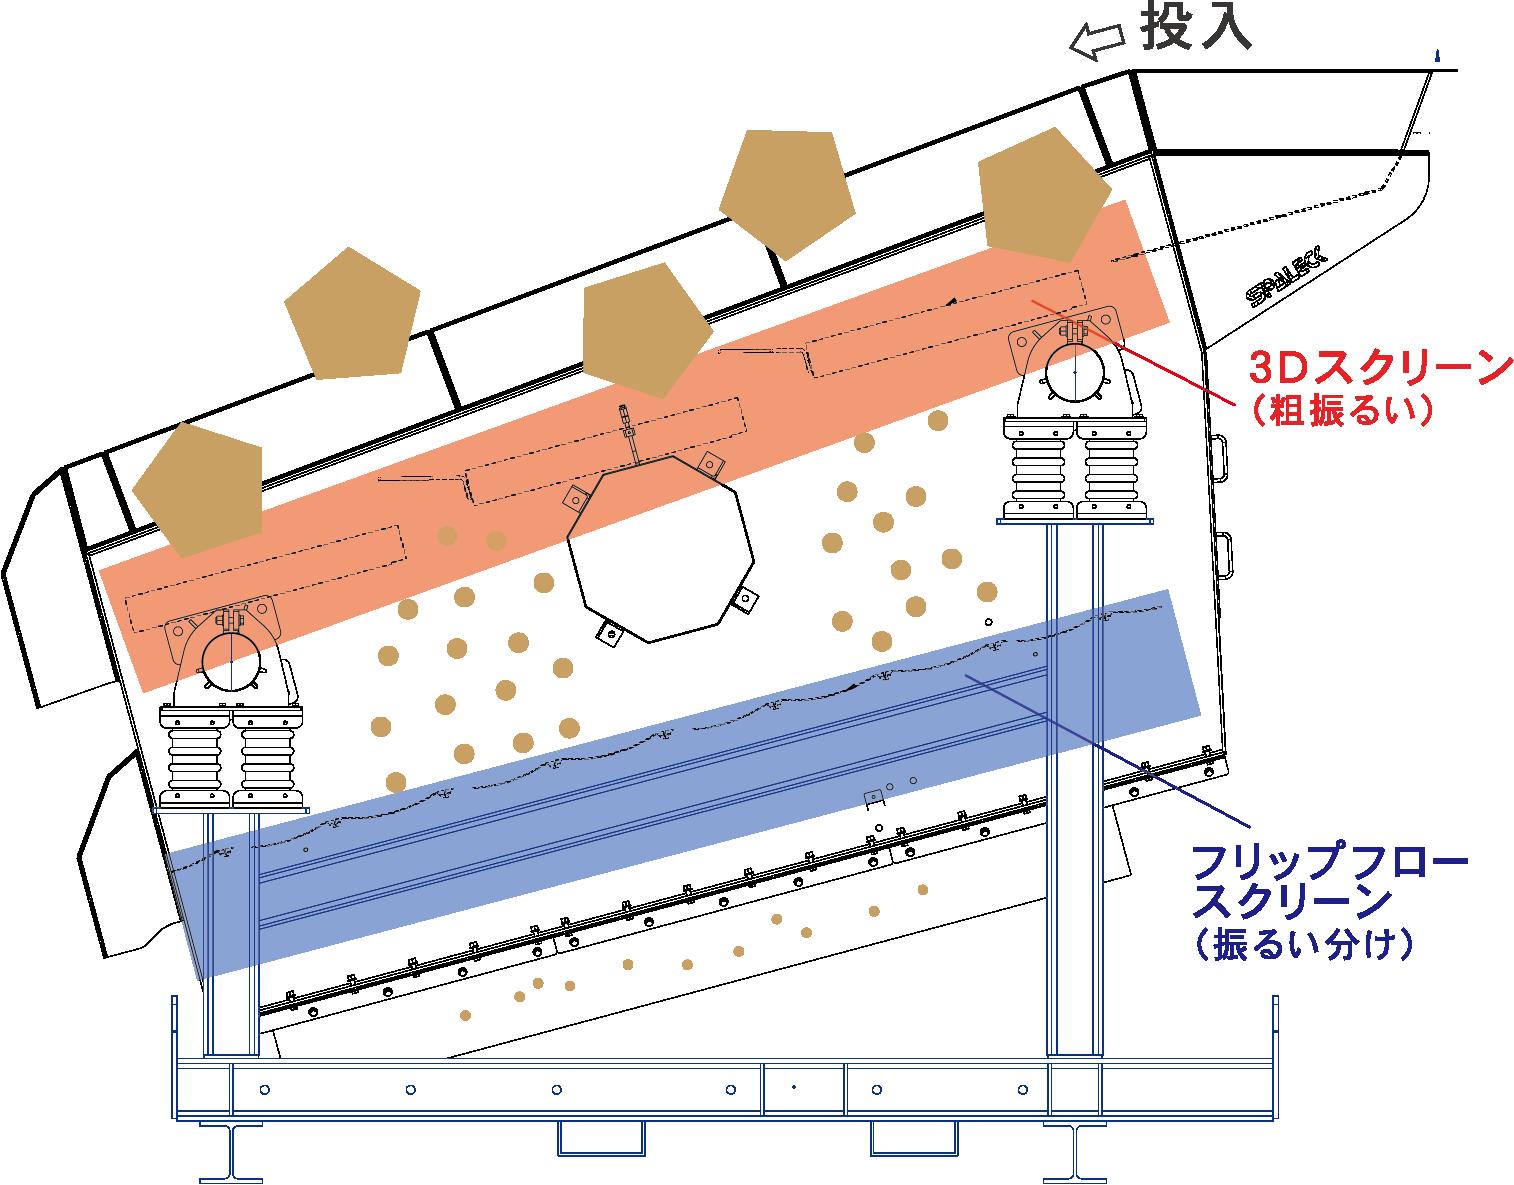 2段式振るい機の材料振るい分けのイメージ